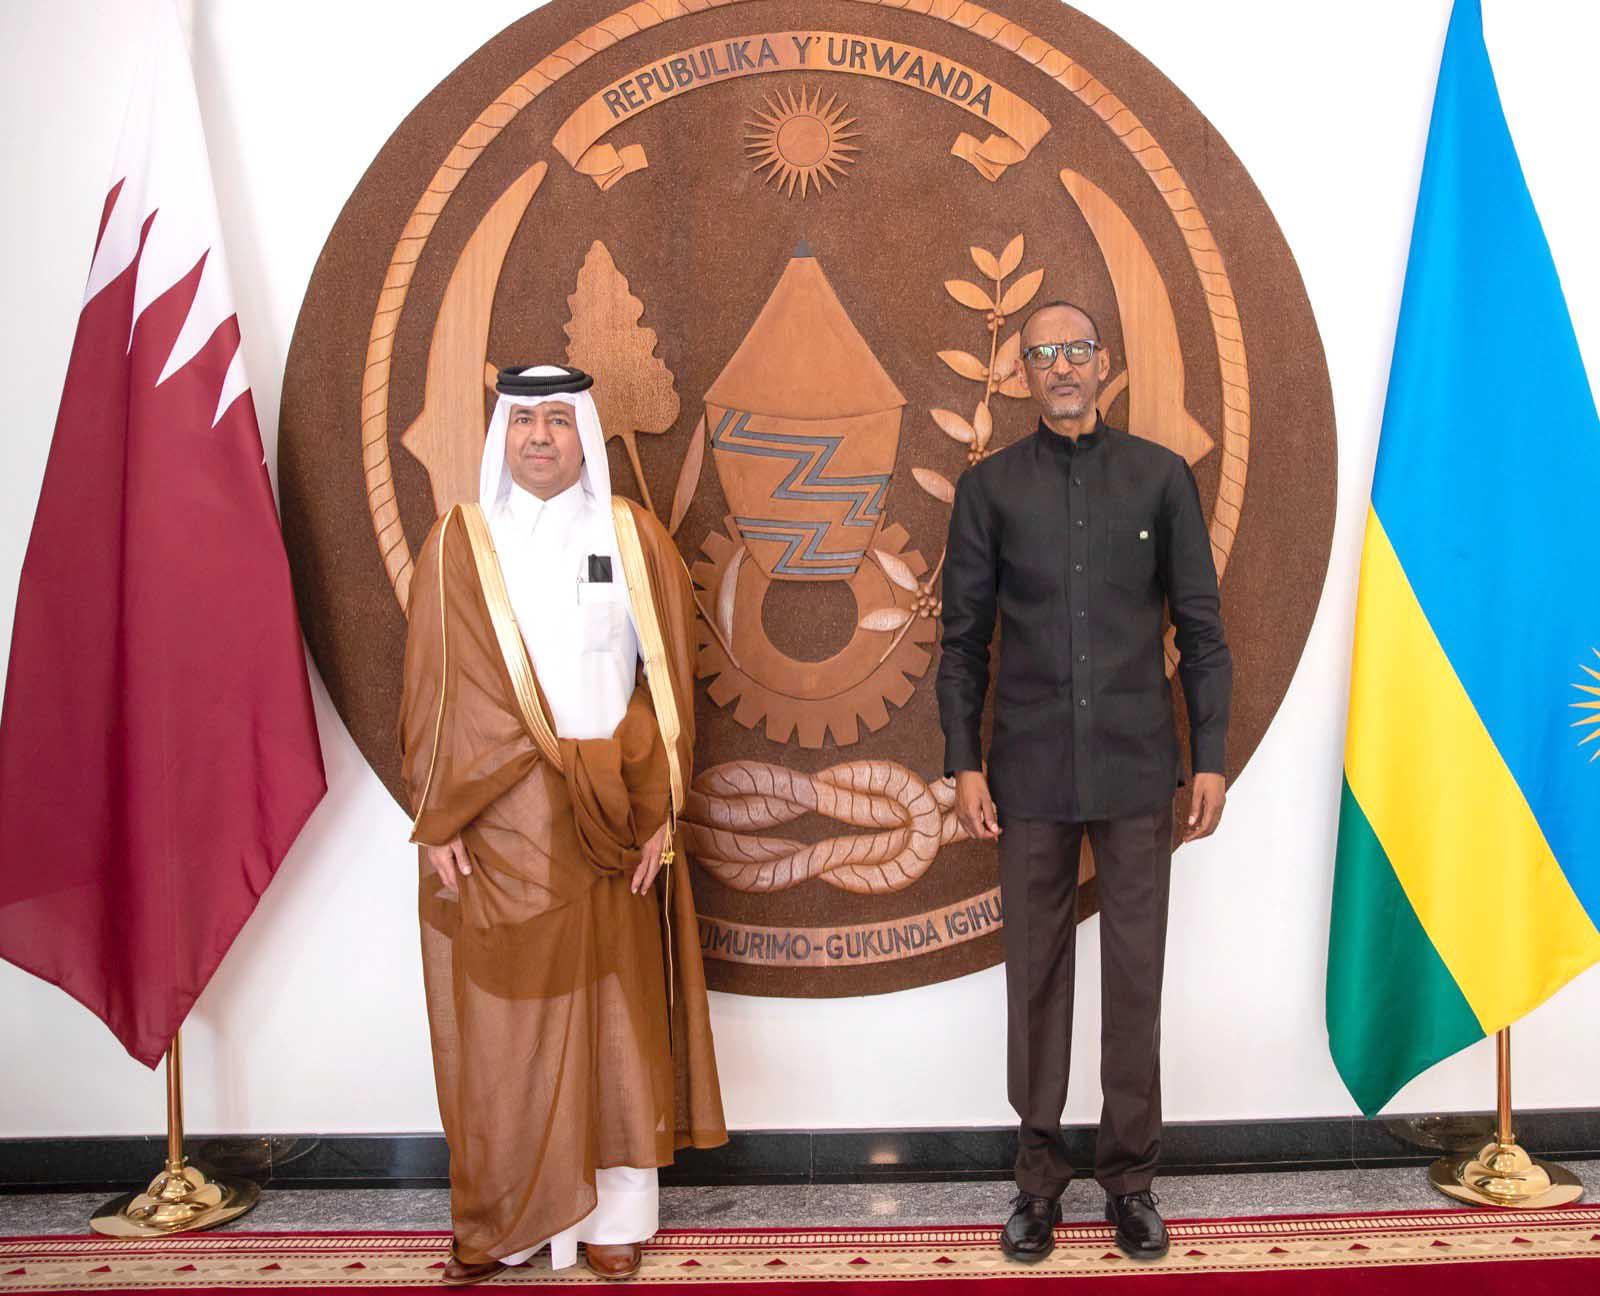 رئيس جمهورية رواندا يتسلم أوراق اعتماد سفير دولة قطر